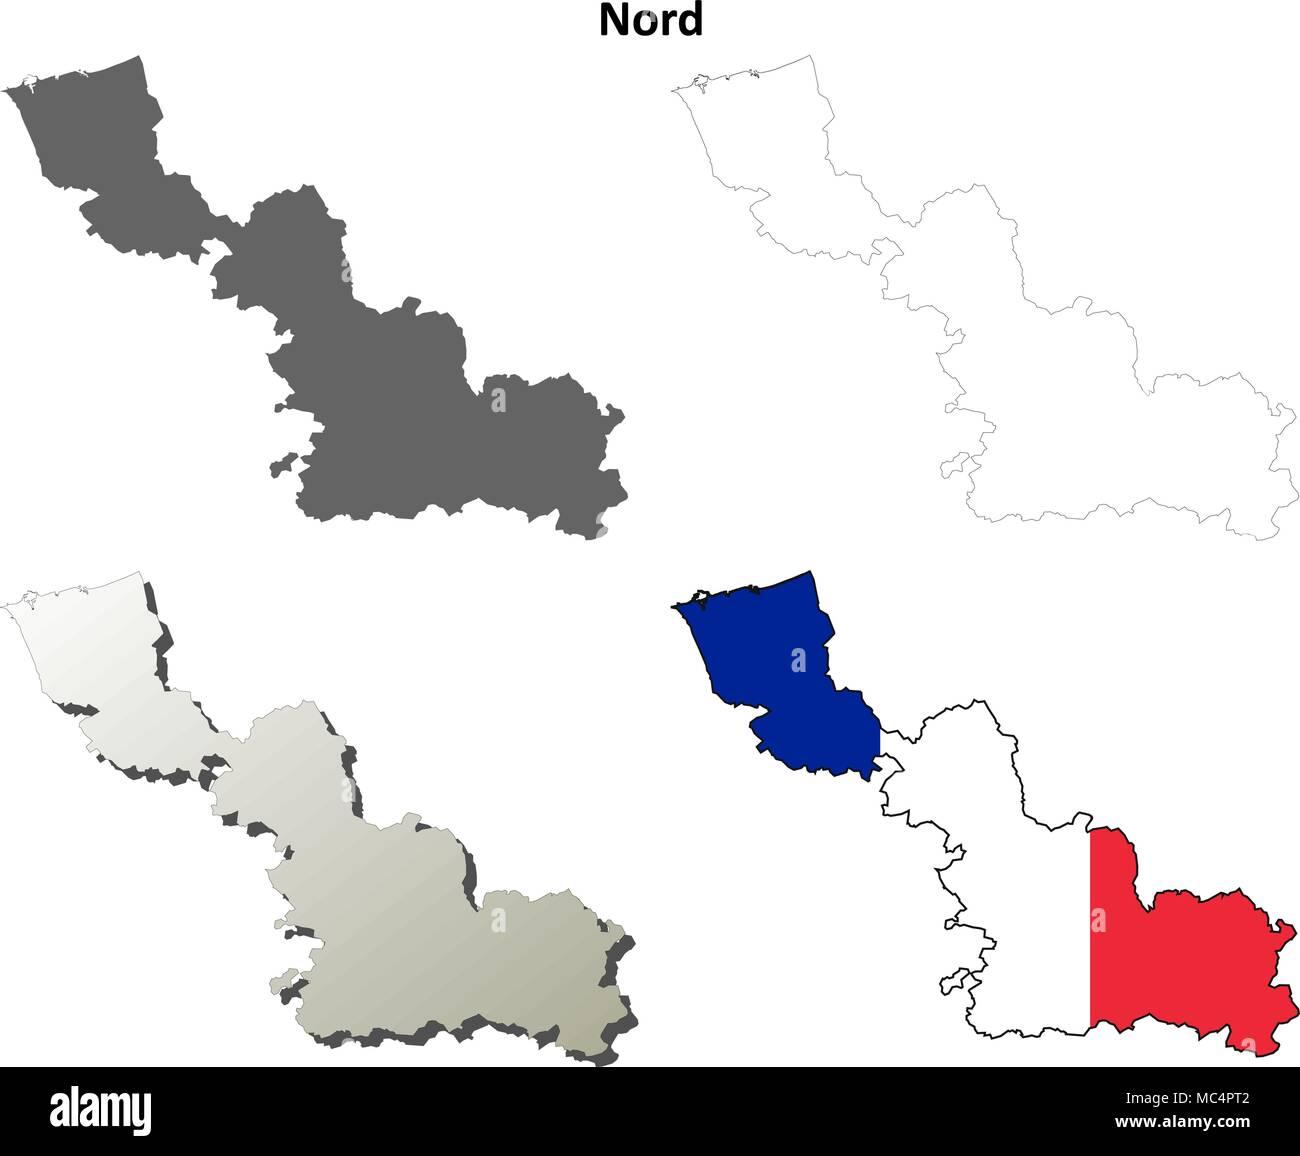 Nord, Nord-Pas-de-Calais outline map set - Stock Vector